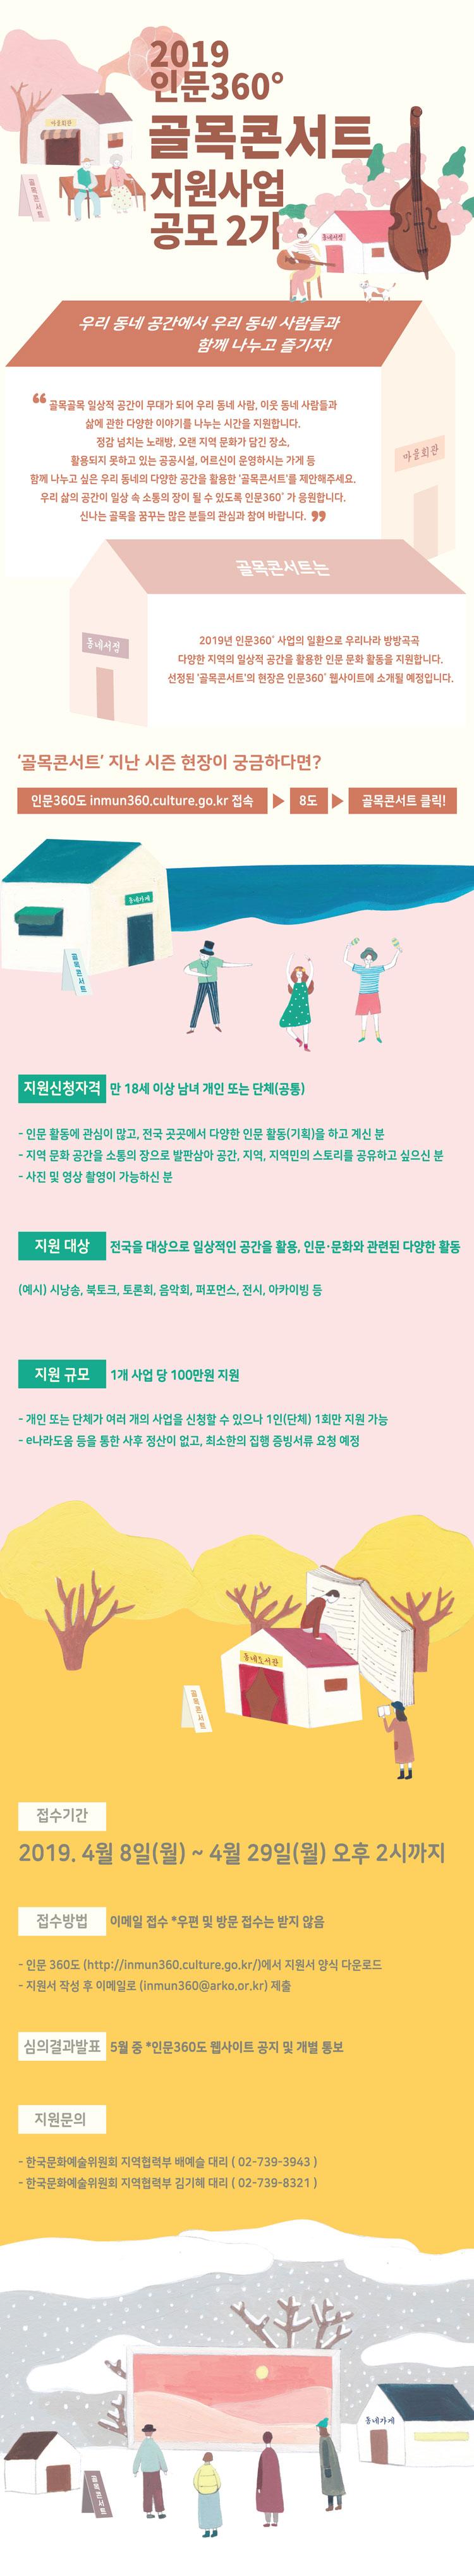 2019 인문360°골목콘서트 지원사업 공모 2기